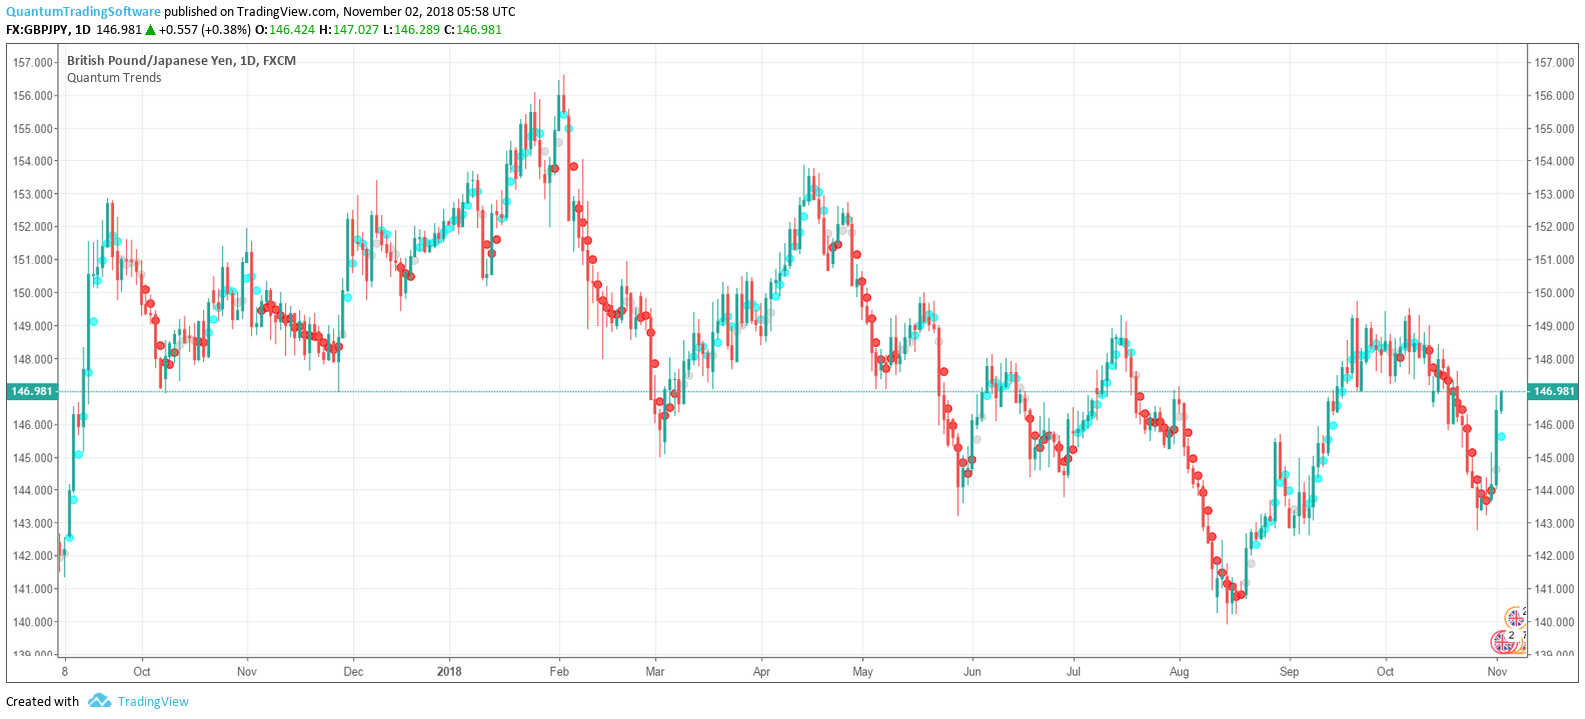 Configuring the Trends Indicator for TradingView – Quantum